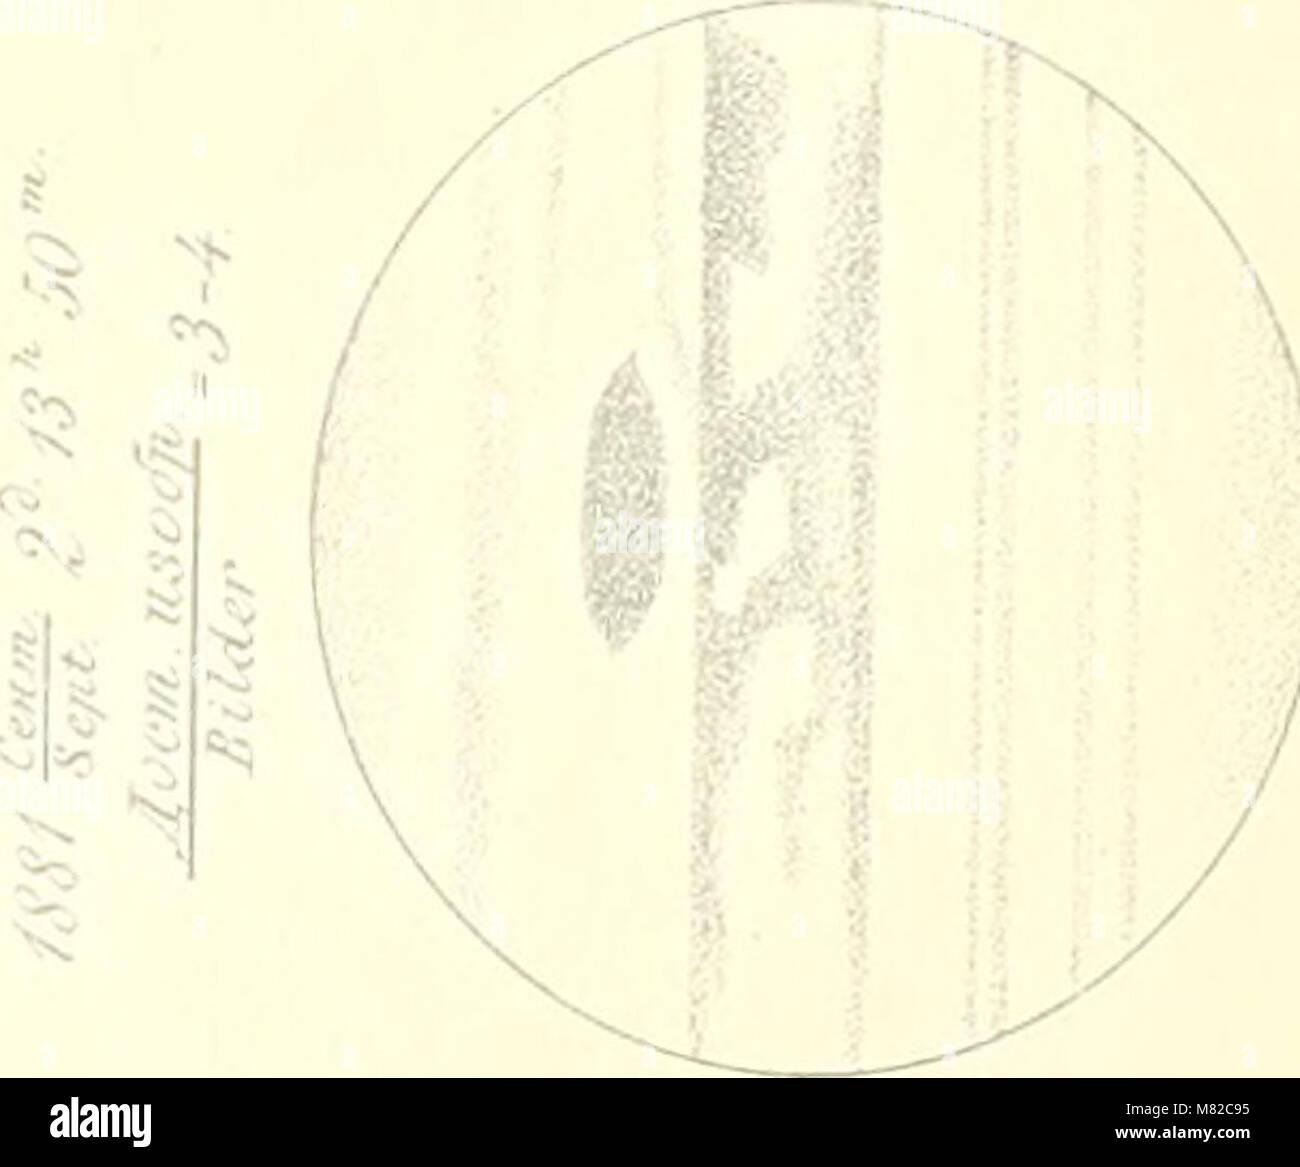 Bulletin de l'Acadmie impriale des sciences de St.-Ptersbourg (20431283935) Stock Photo